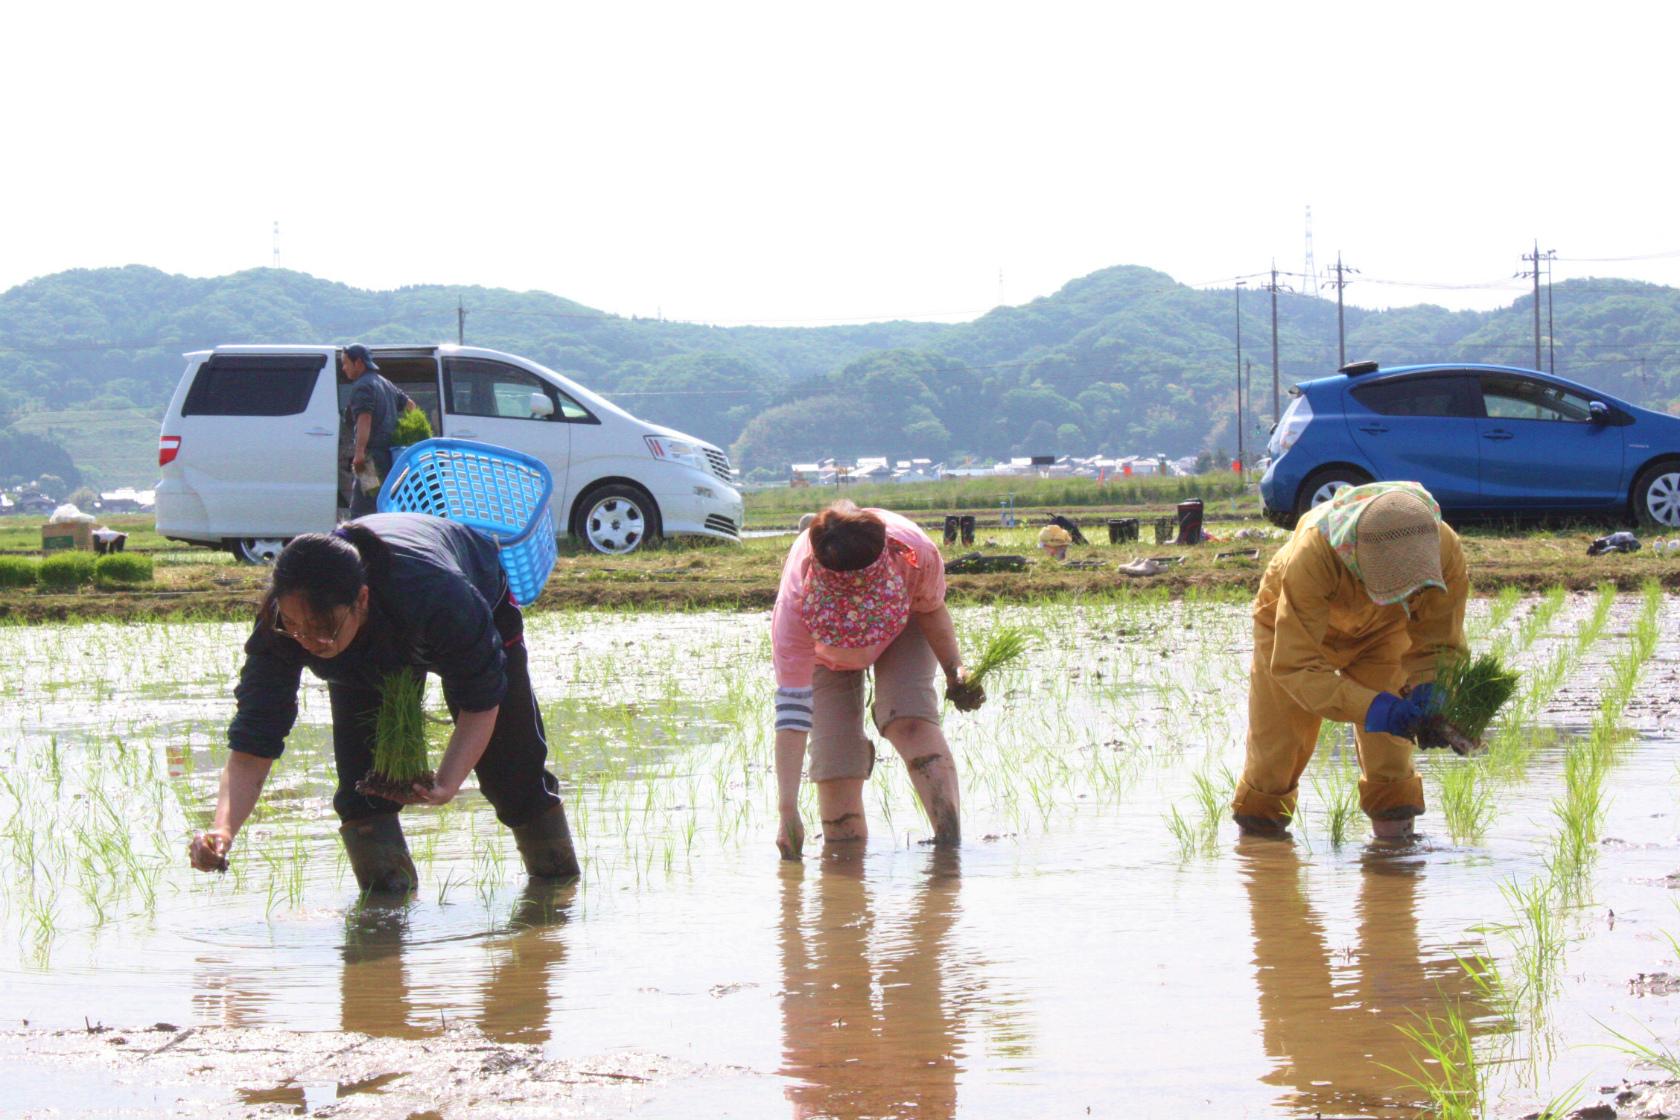 http://www.kaiho.co.jp/jp/news/img/20140524-14.jpg